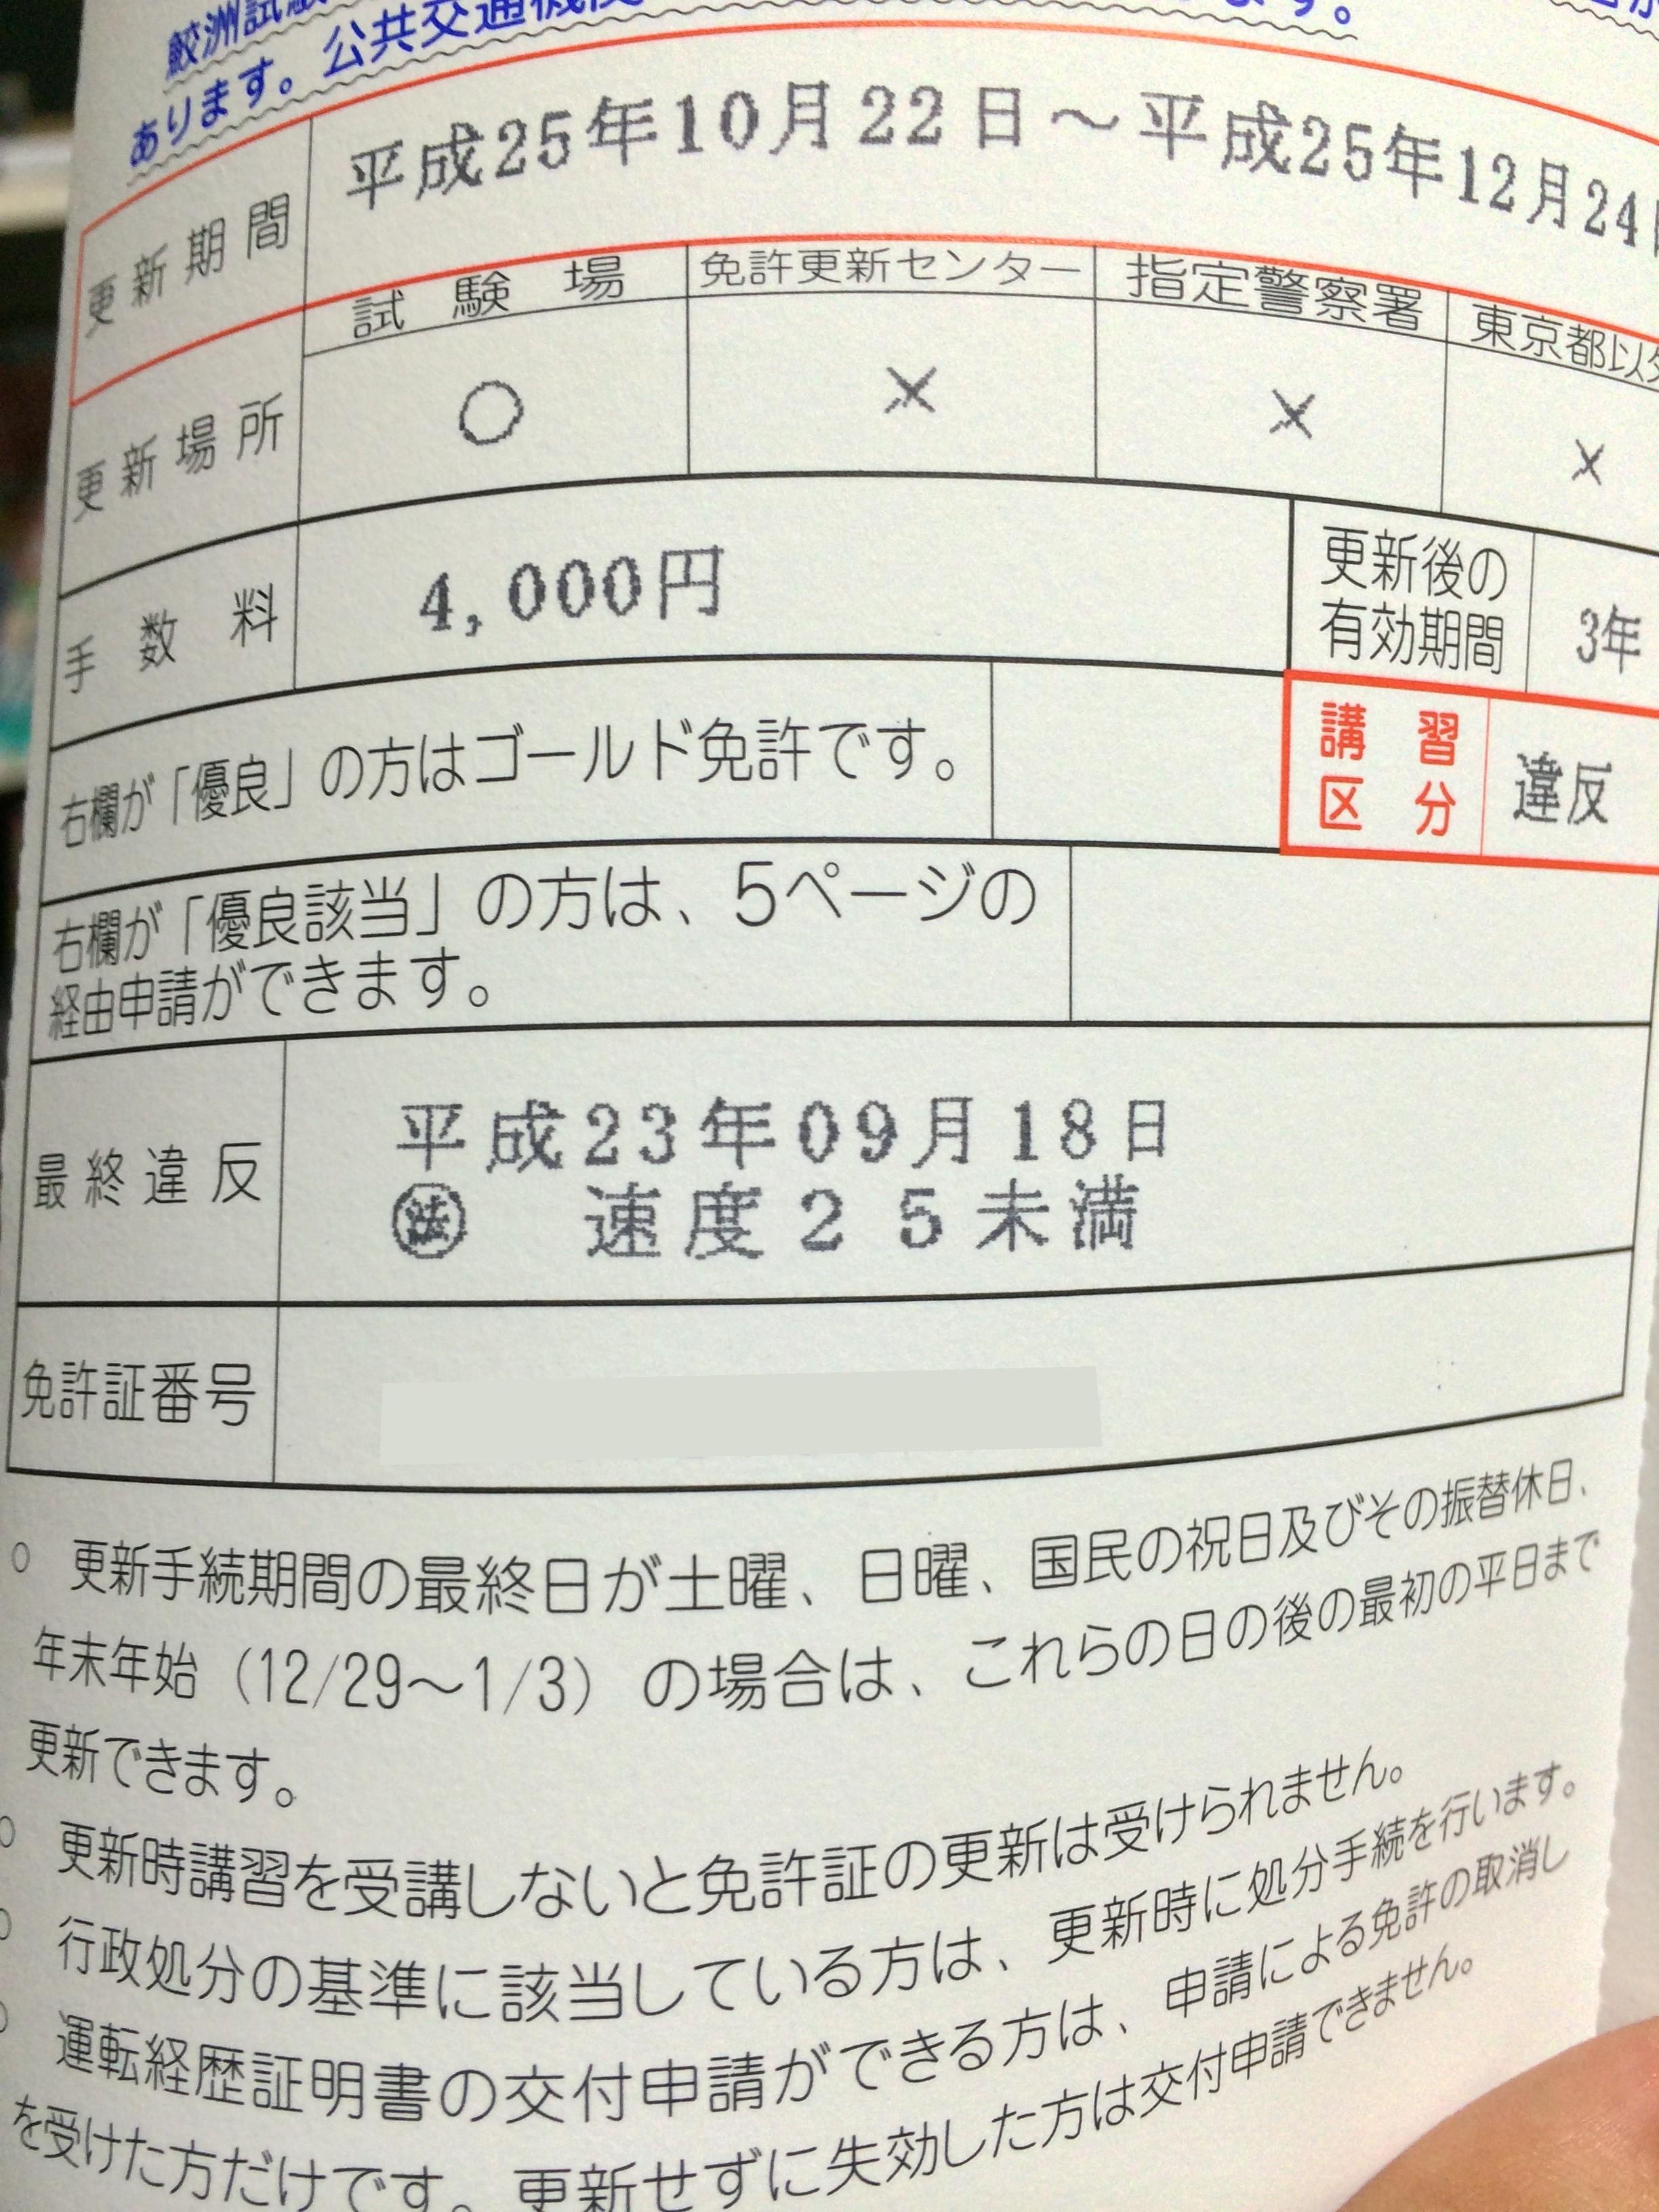 更新 免許 江東 試験場